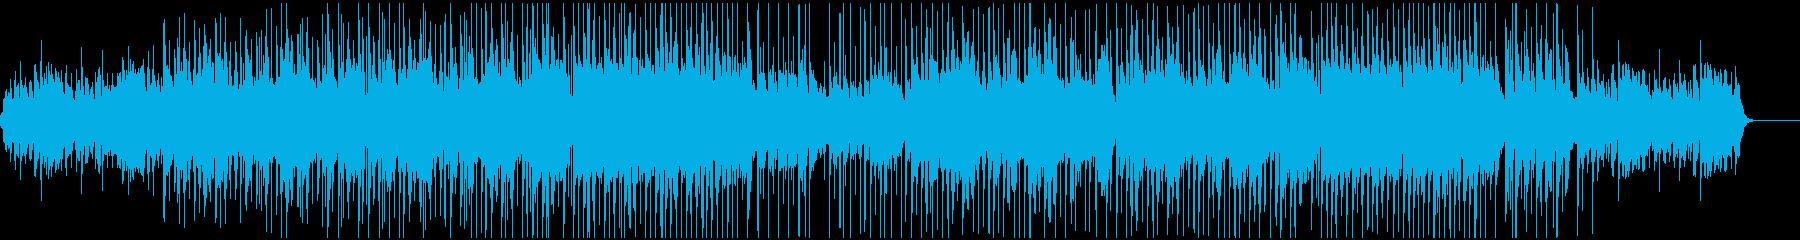 カントリーで民謡な曲の再生済みの波形